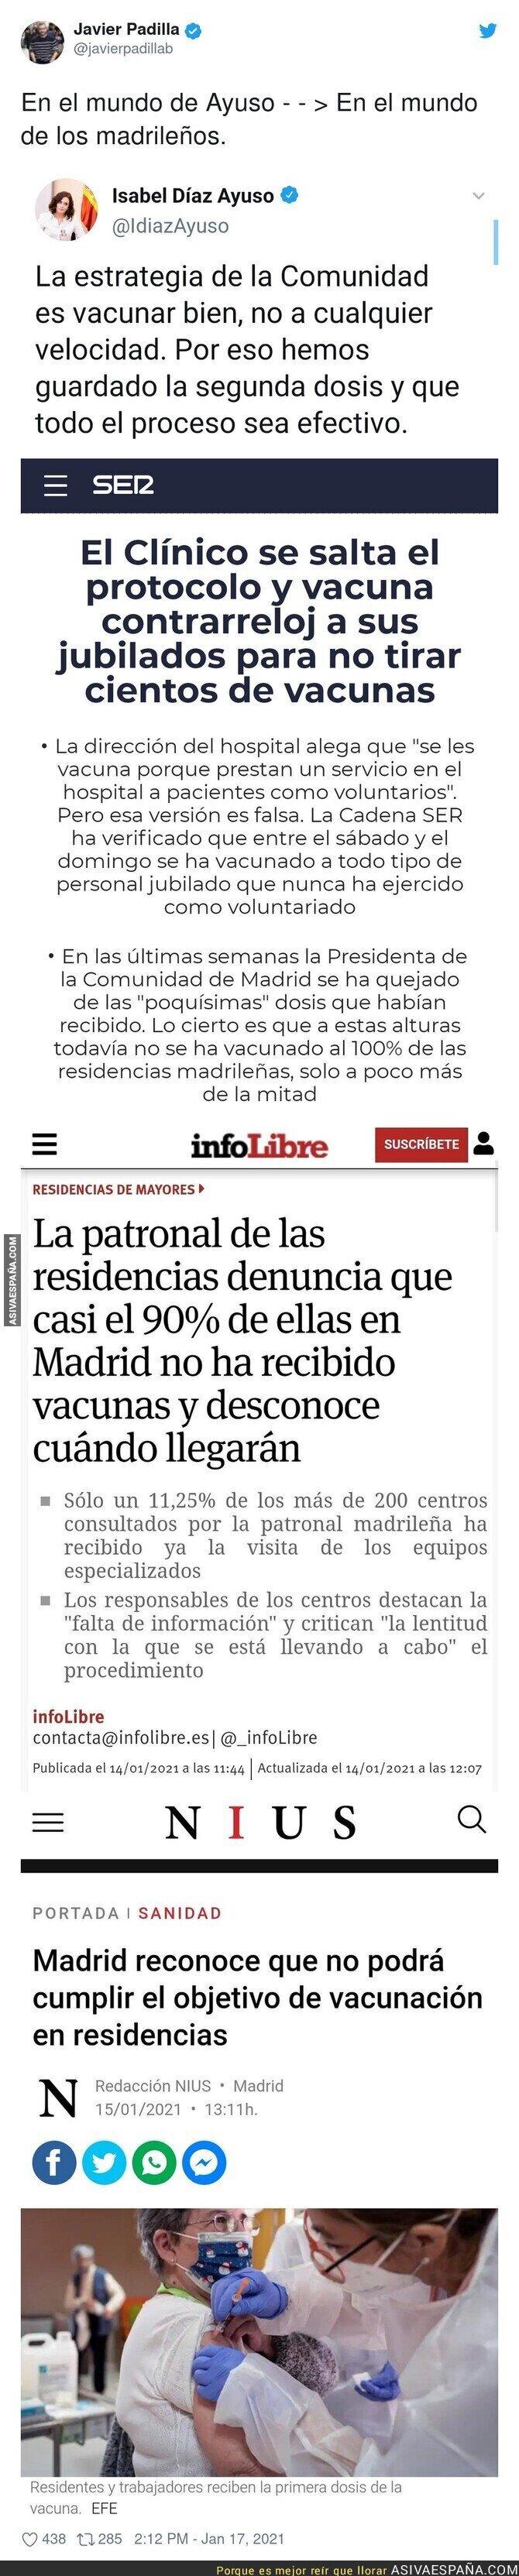 555797 - Madrid está en el absoluto desastre con Isabel Díaz Ayuso